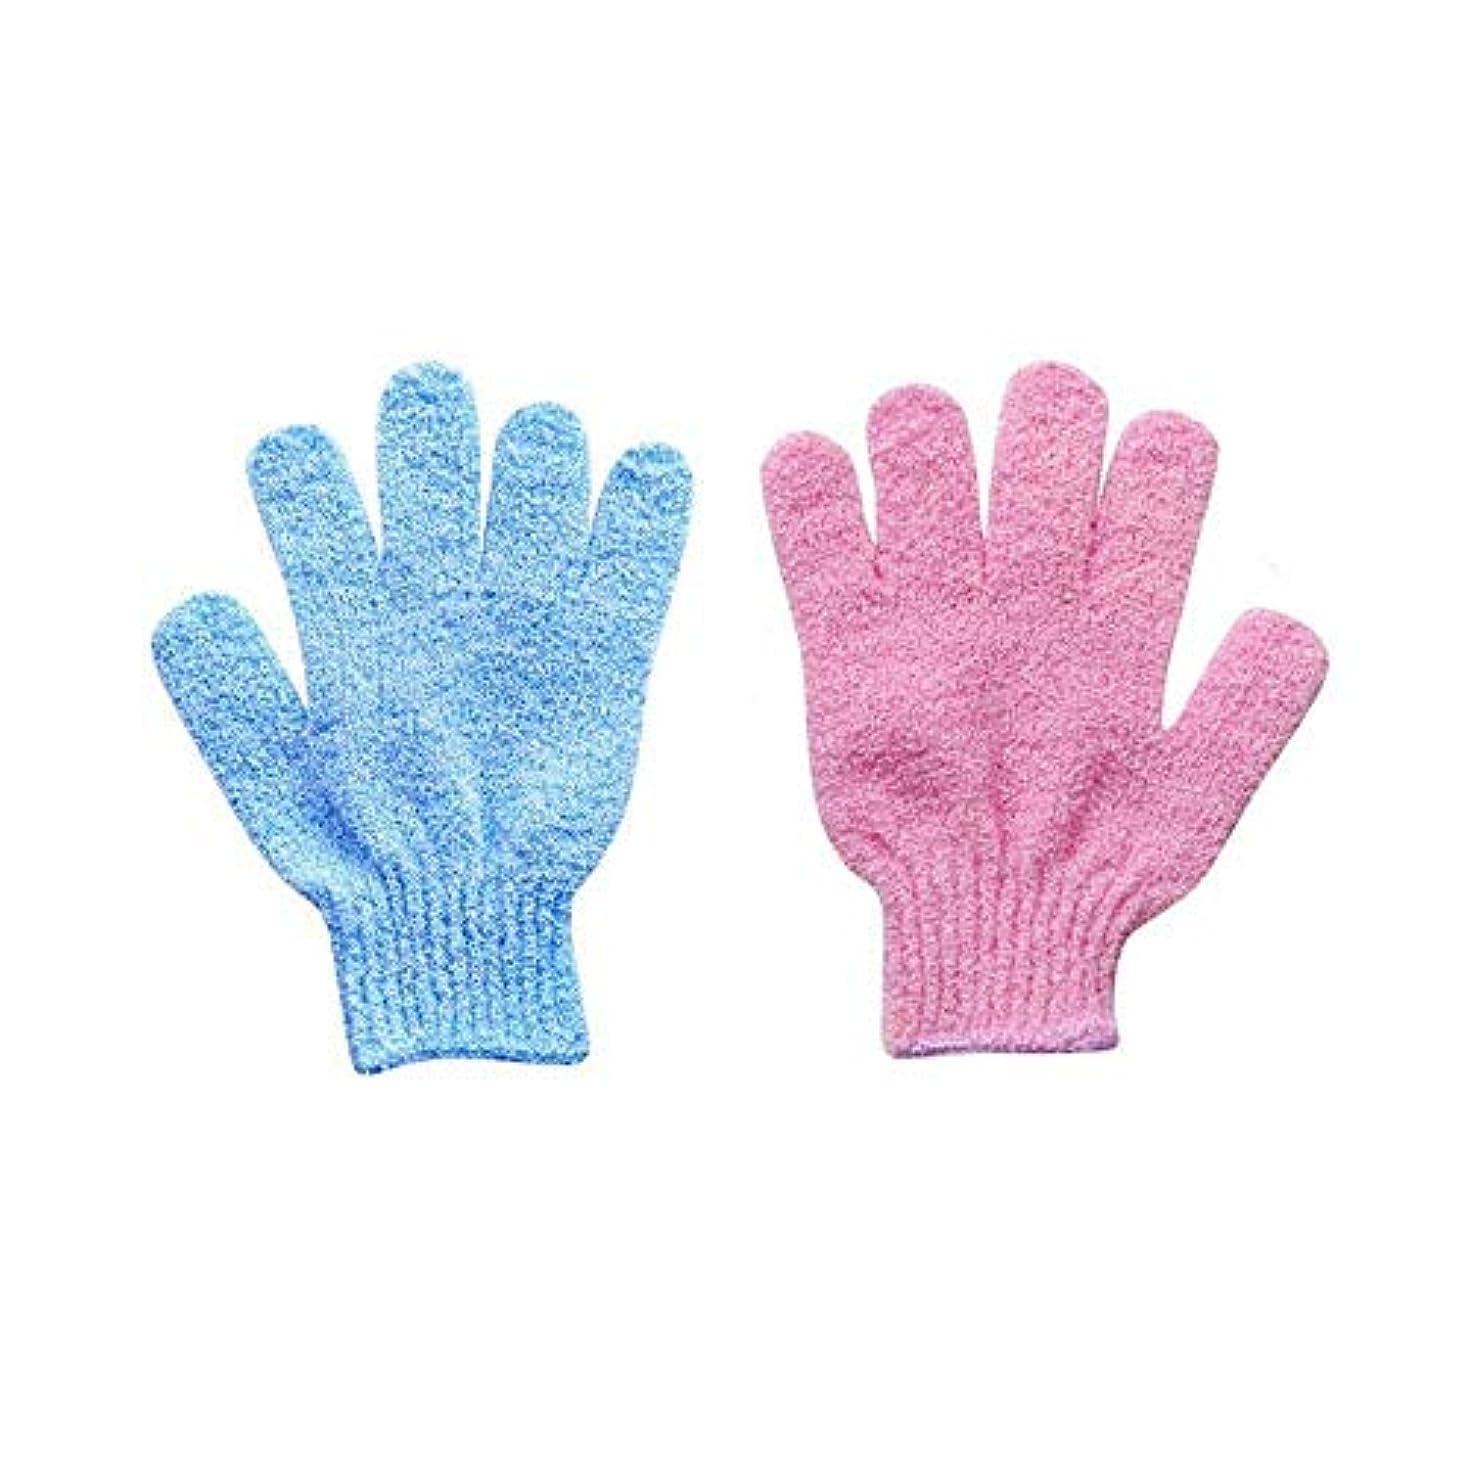 痛い構造懐お風呂手袋 五本指 シャワーグローブ 泡立ち 柔らかい 入浴用品 角質除去 垢すり 2PCS